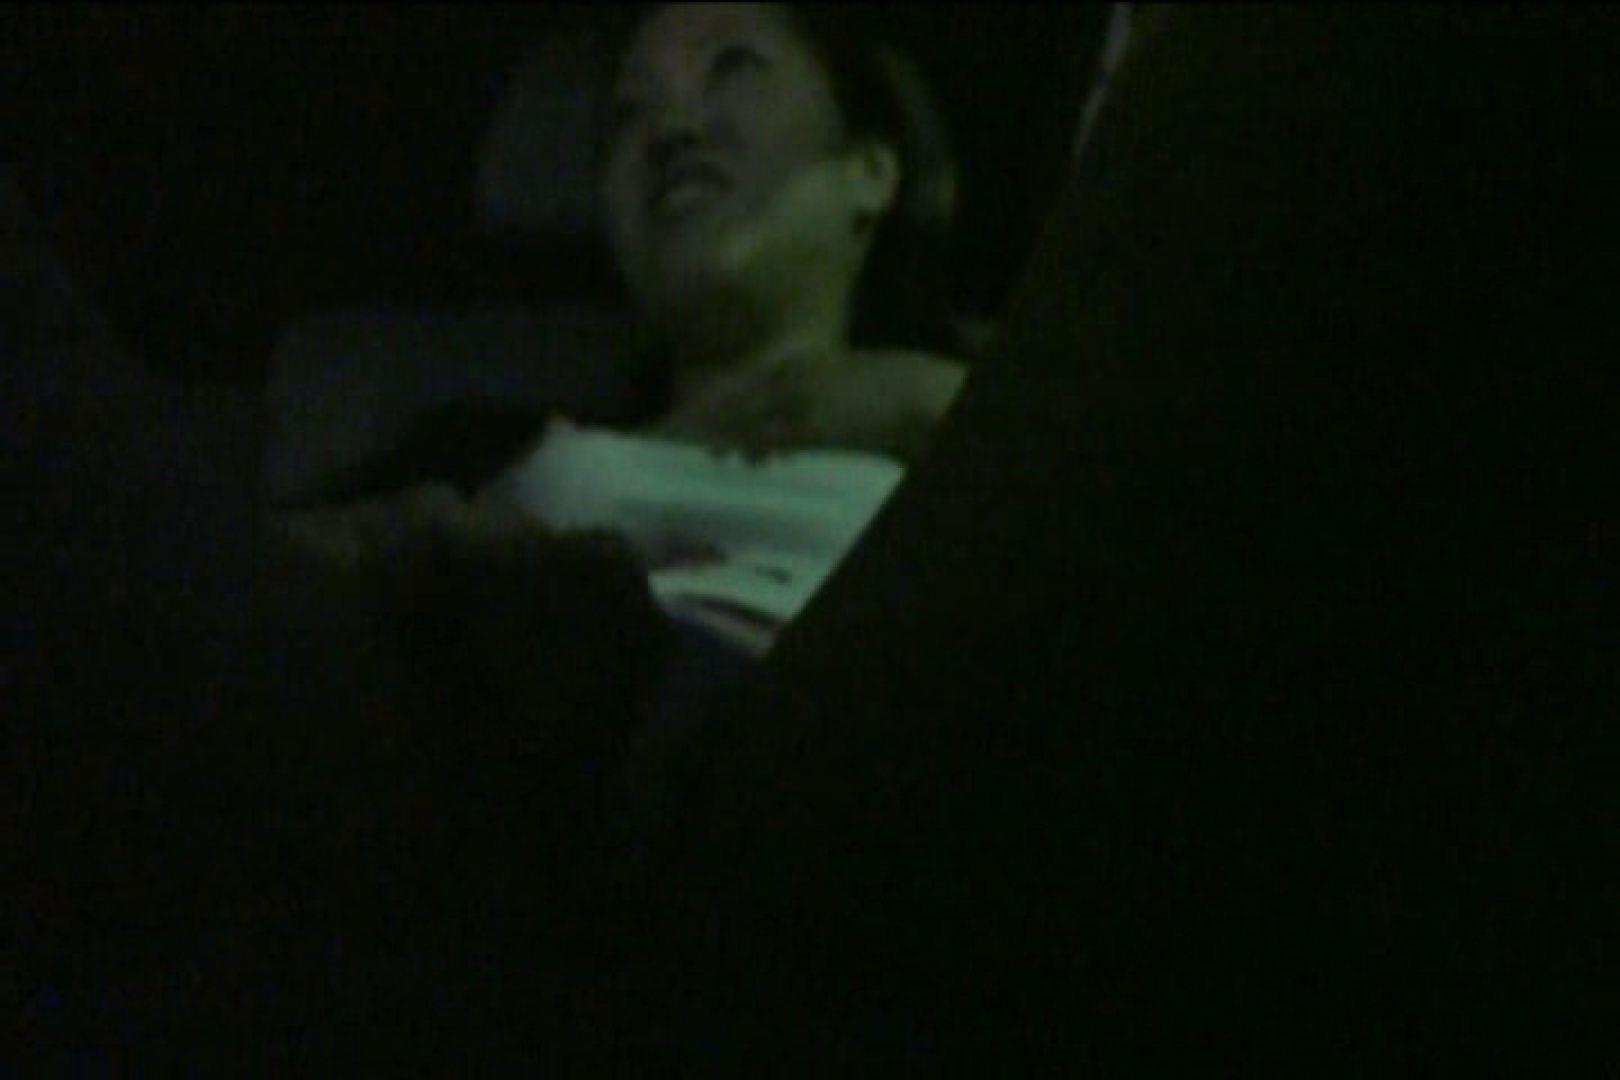 車内で初めまして! vol01 投稿 オマンコ動画キャプチャ 105連発 16